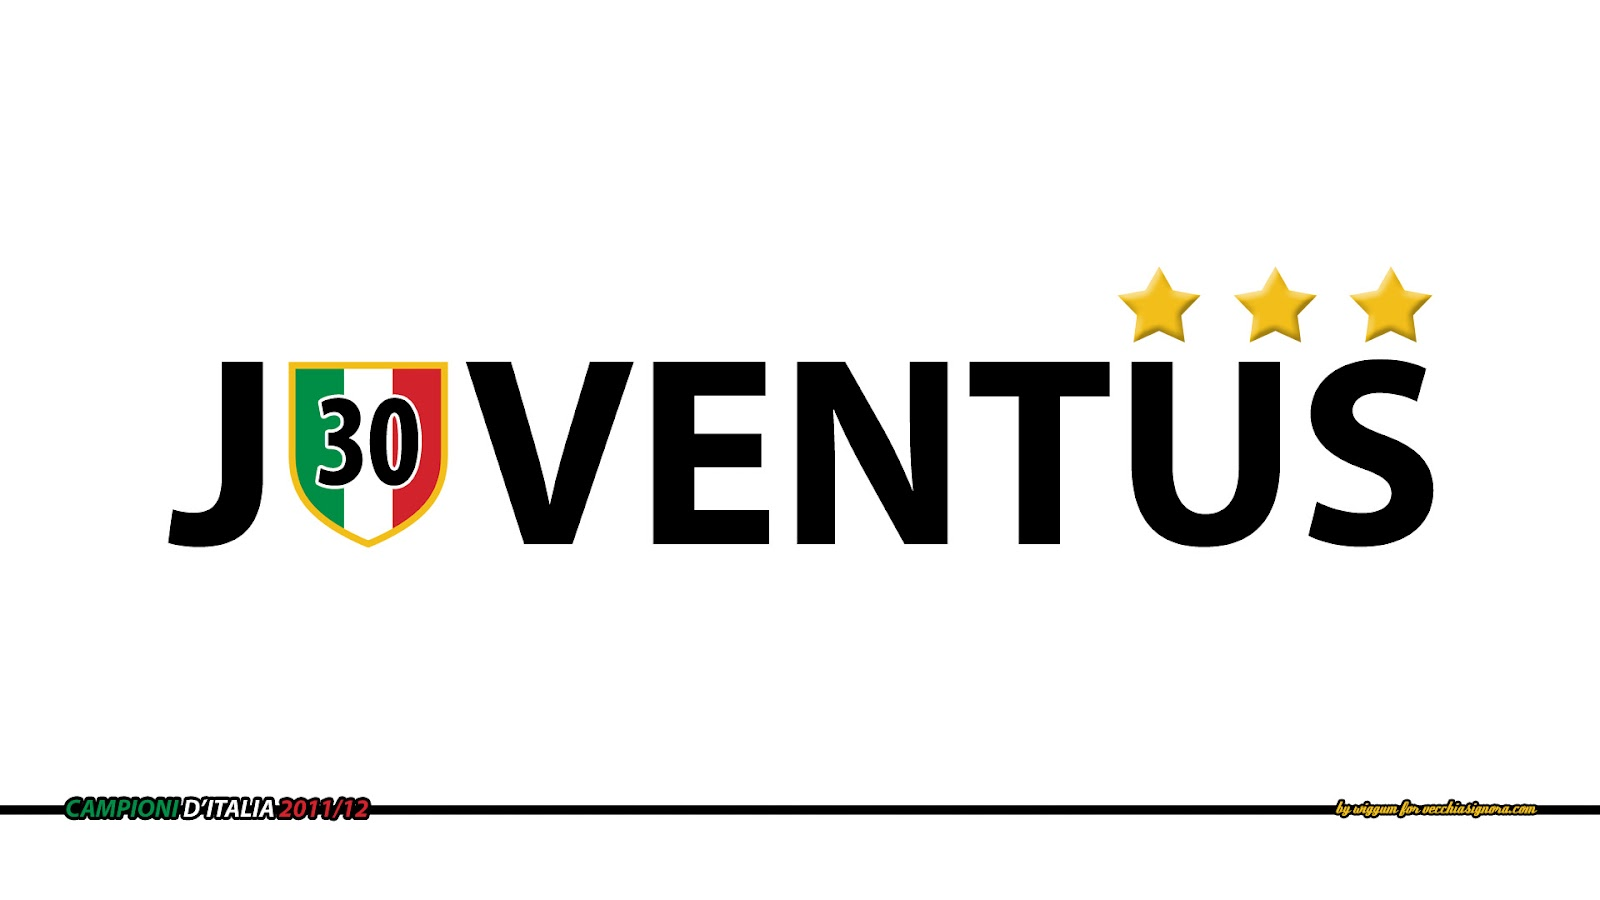 Top Wallpaper Logo Juventus - Wallpaper_Juventus_30_scudetti_2011_12_2  Pic_15814.jpg